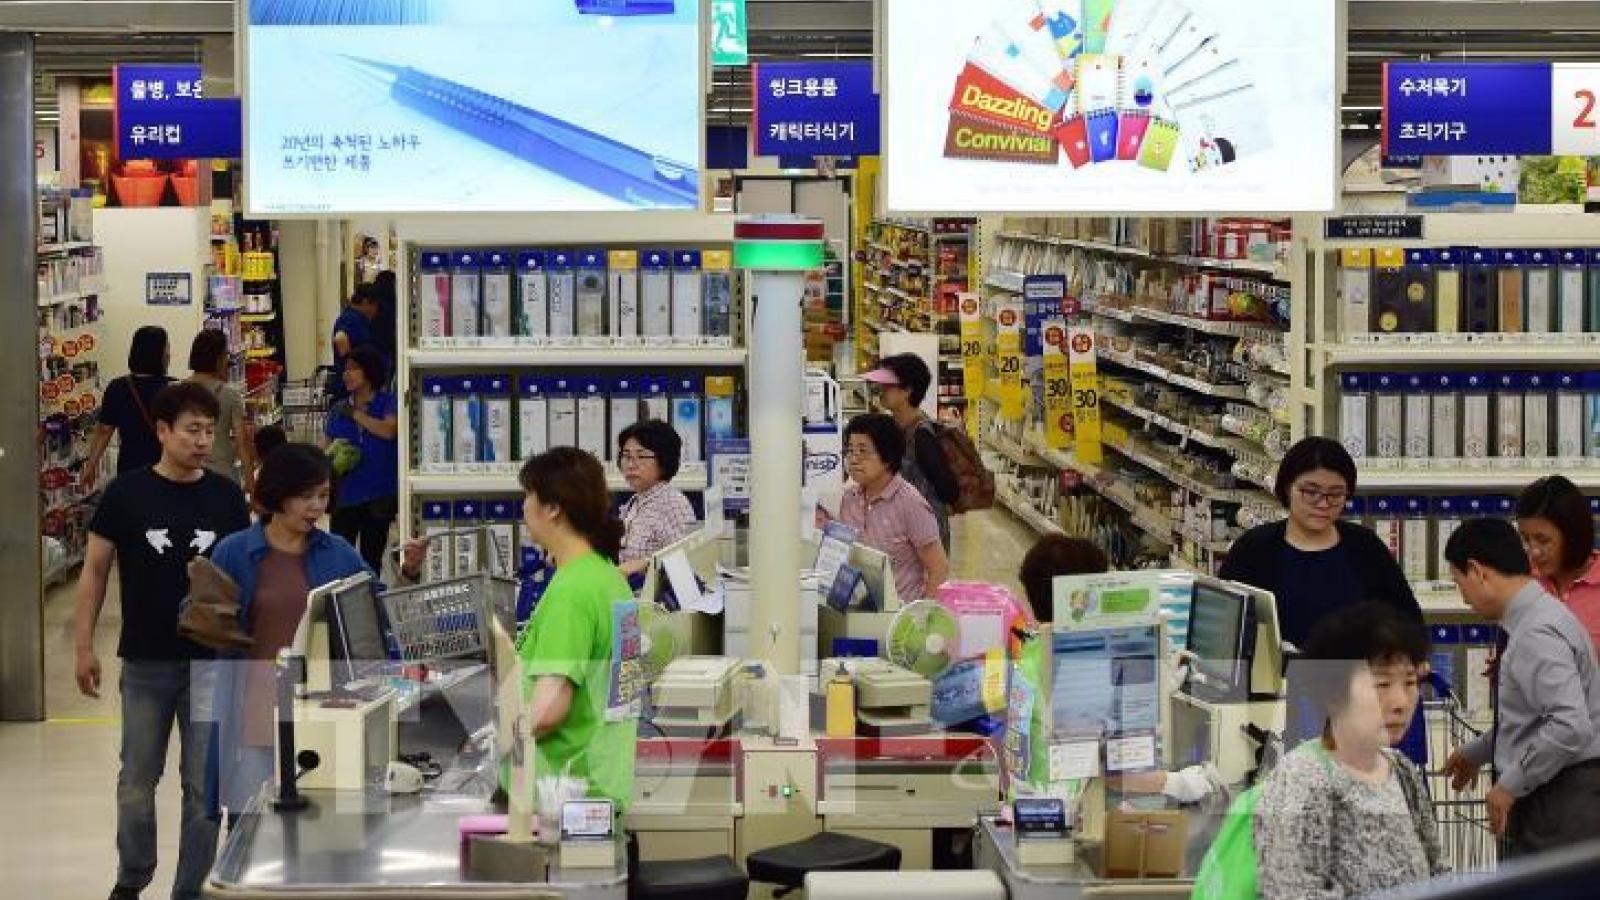 Hàn Quốc sẽ tăng trưởng 3% trong năm nay?